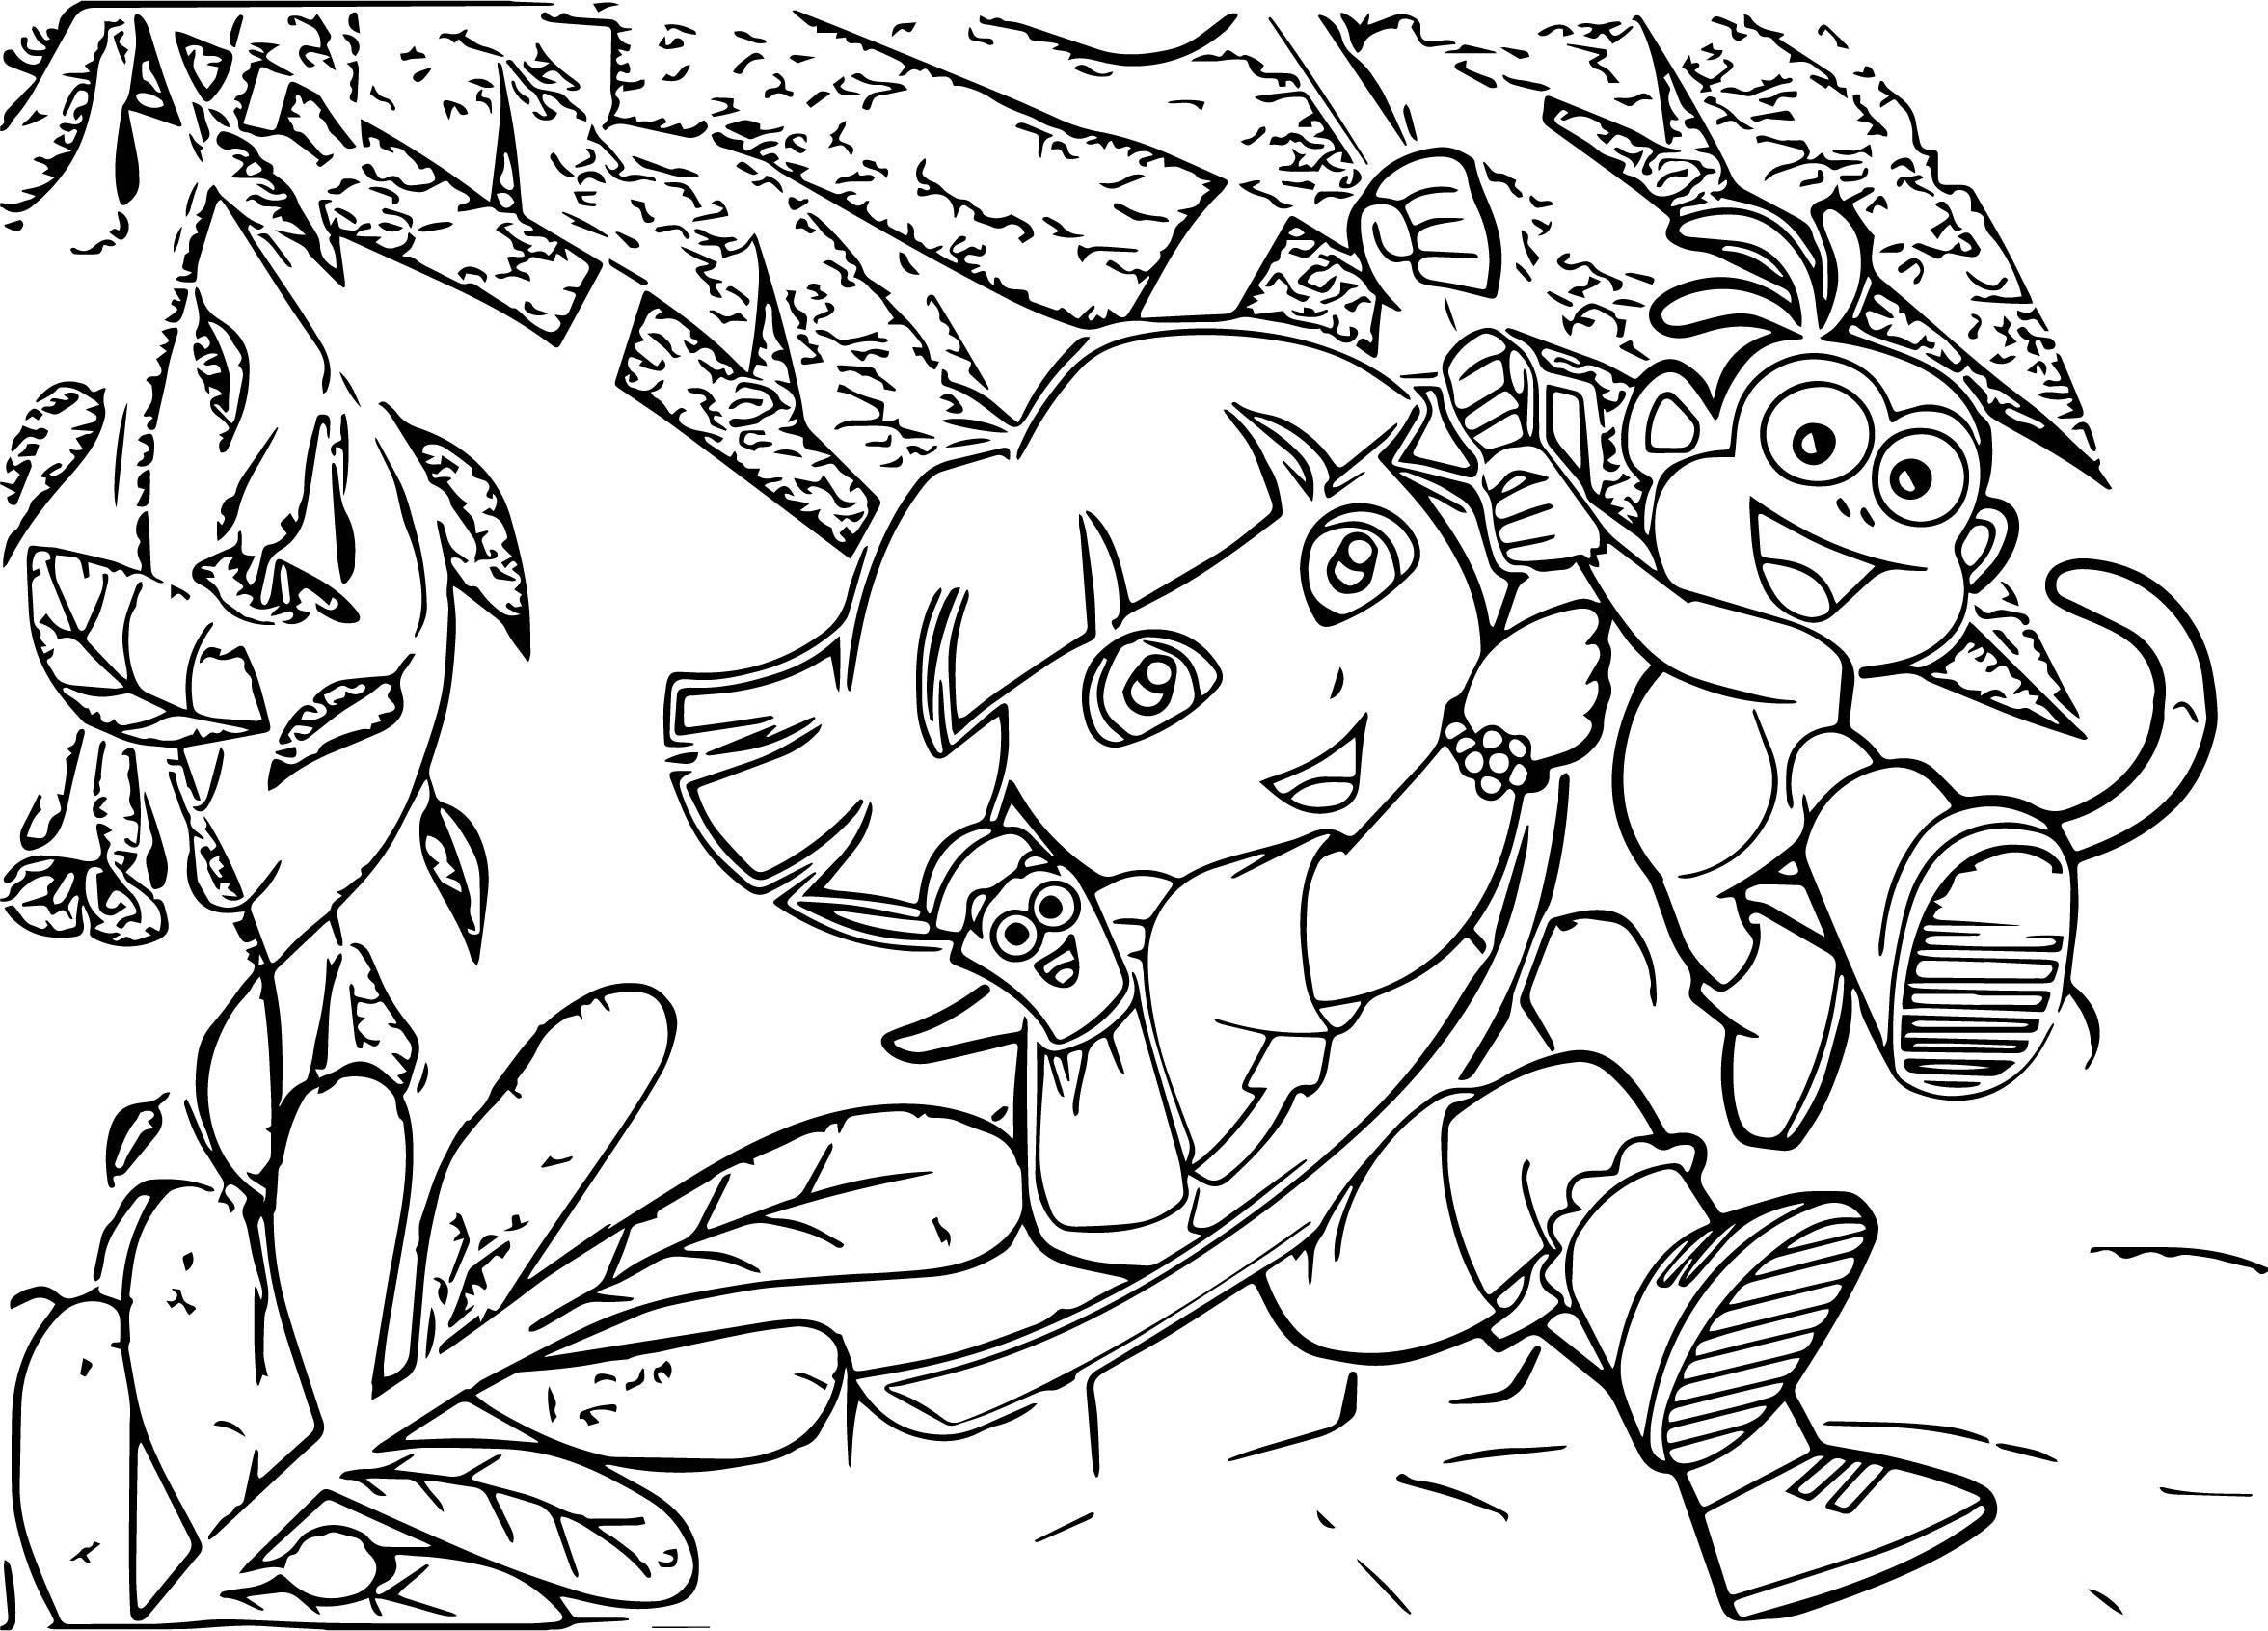 Dora A Exploradora The Explorer Coloring Page